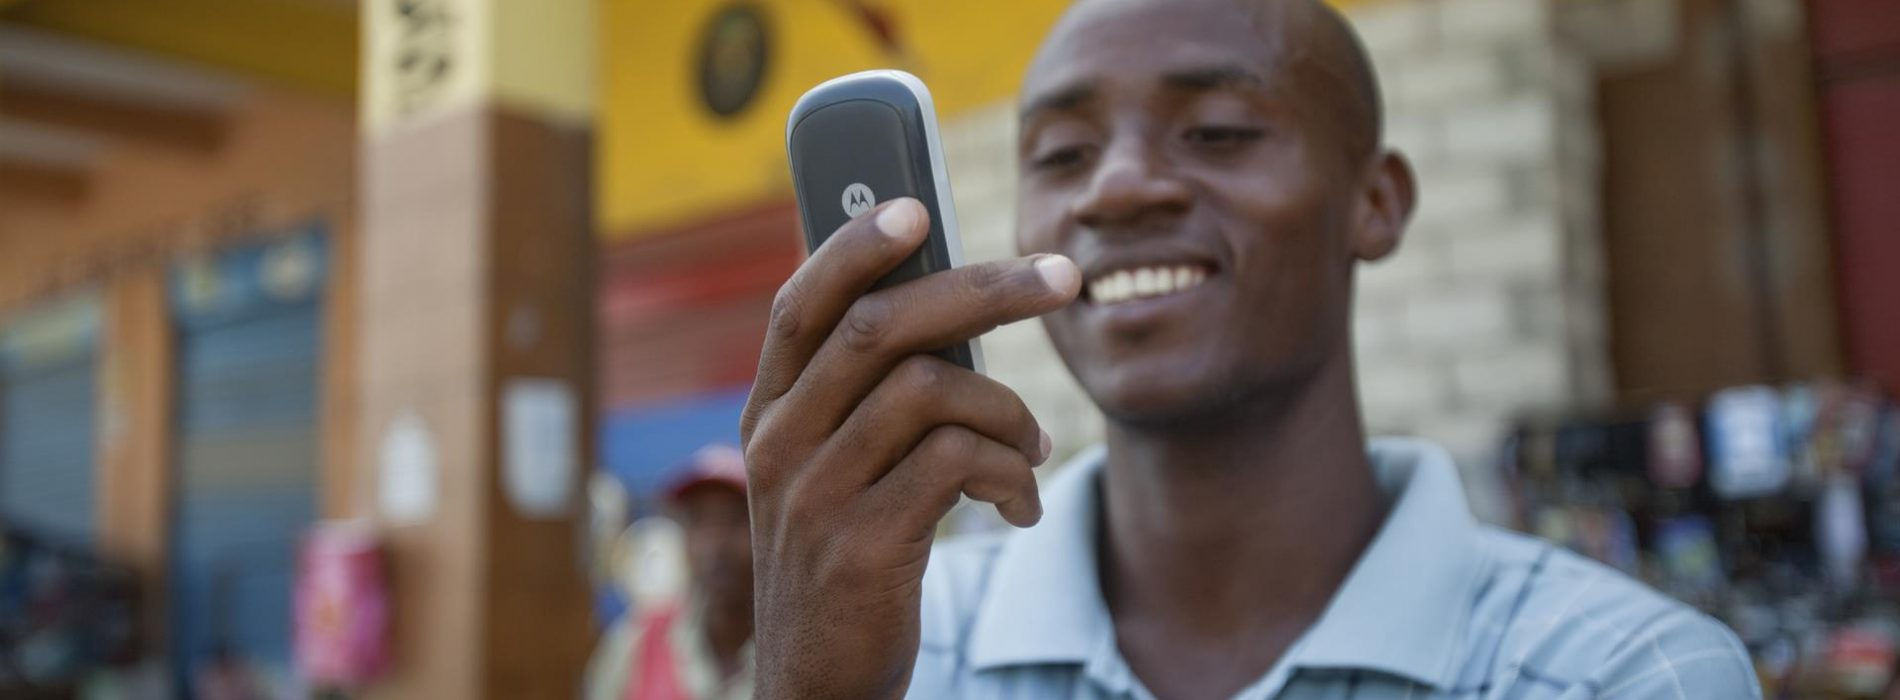 Togo: Covid19 e reddito di emergenza grazie al mobile money.